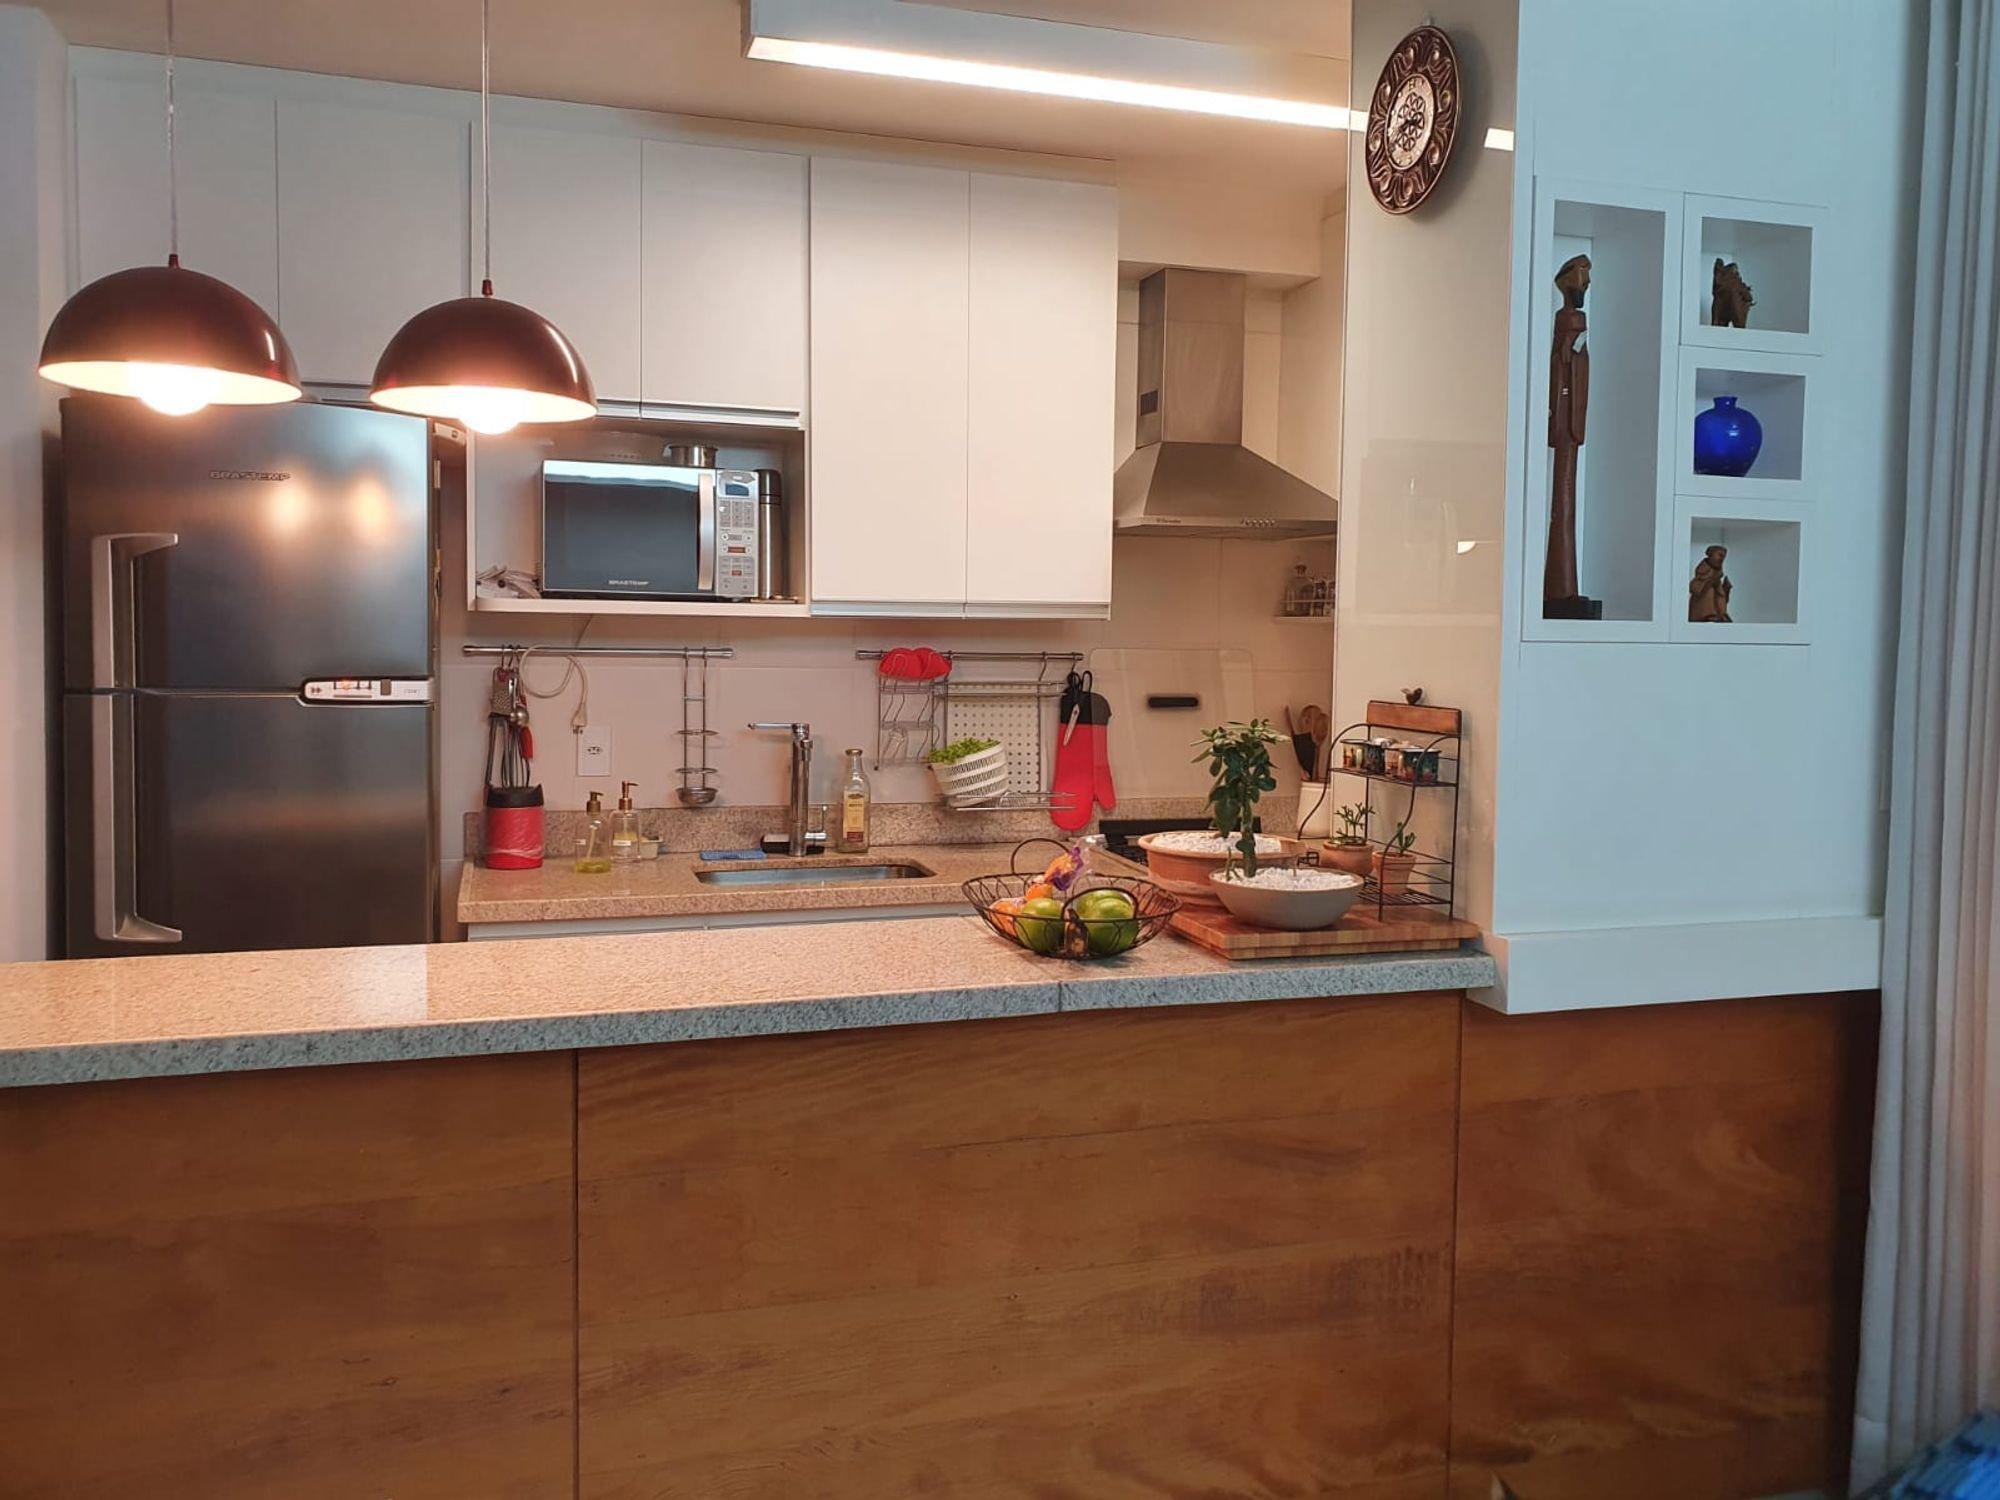 Foto de Cozinha com vaso, garrafa, tigela, geladeira, microondas